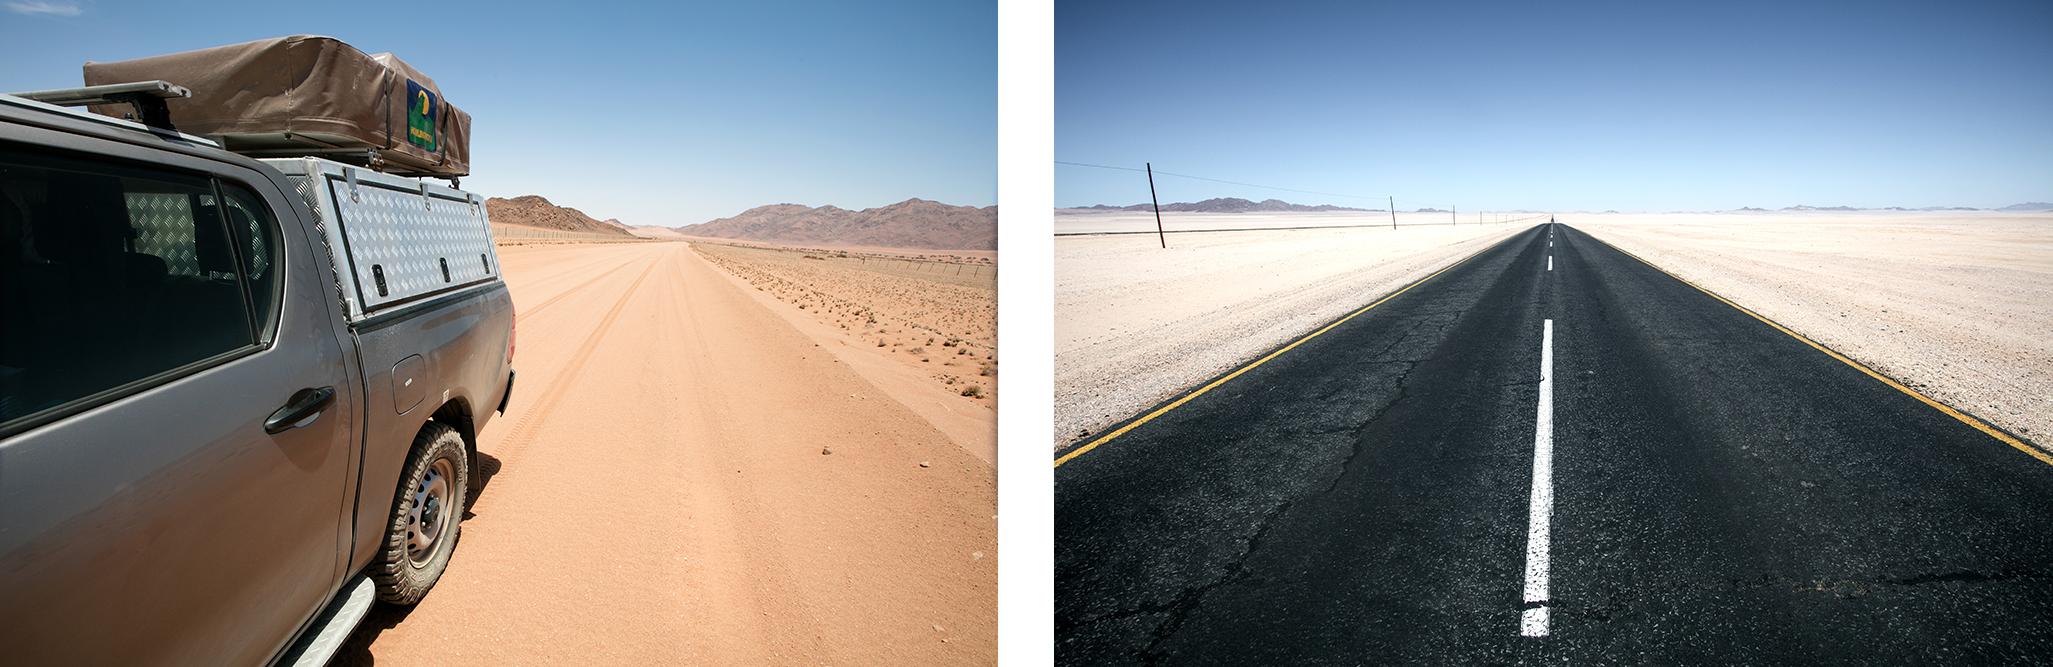 carnet pratique routes de namibie